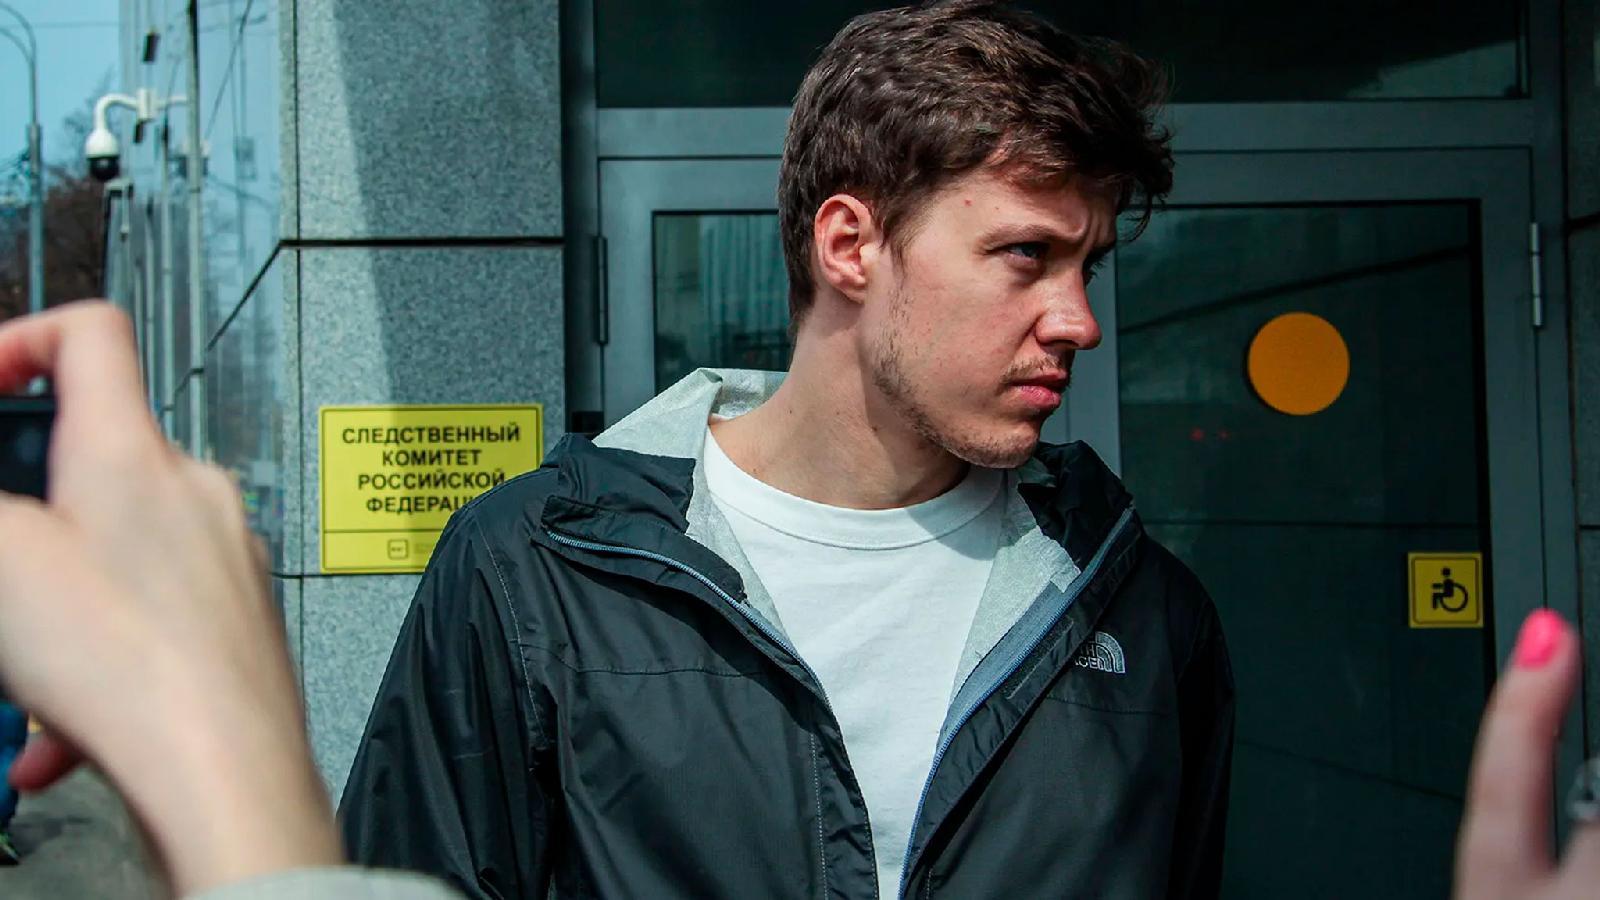 Роман Анин перед допросом в СК 12 апреля 2021